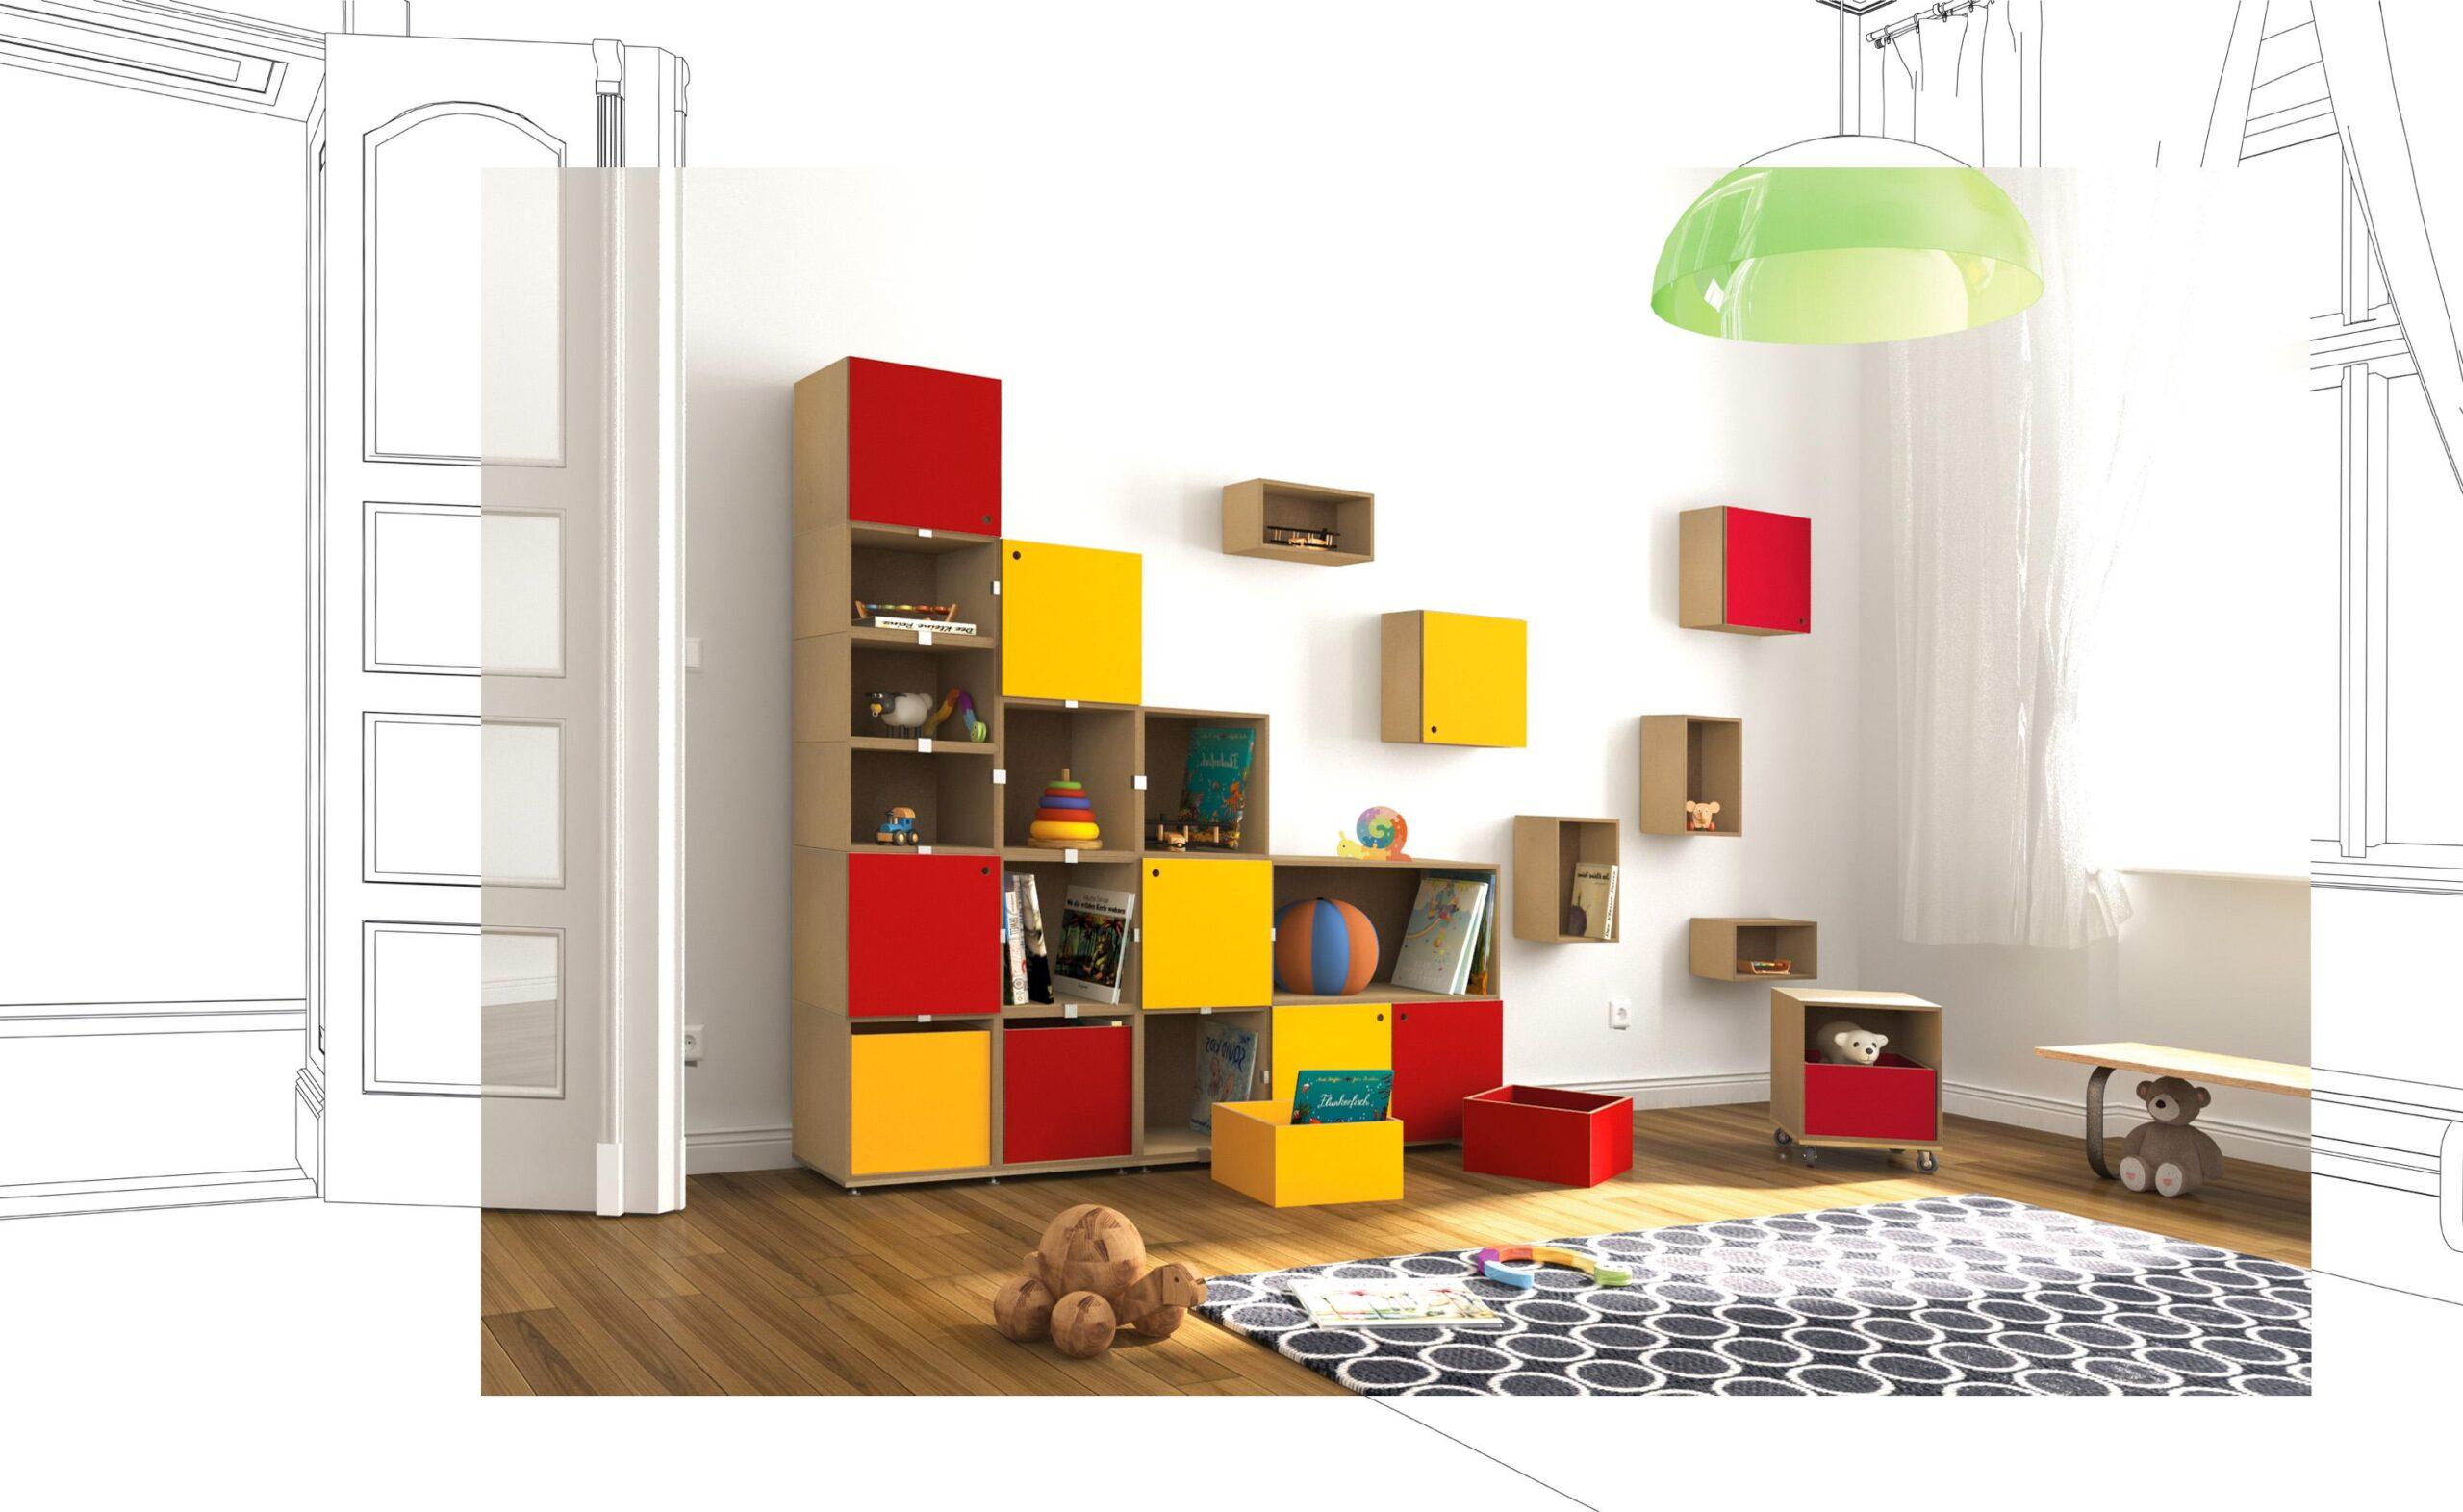 Full Size of Kinderzimmer Regal Bilder Ideen Couch Bad Wandregal Weiß Sofa Küche Landhaus Regale Kinderzimmer Wandregal Kinderzimmer